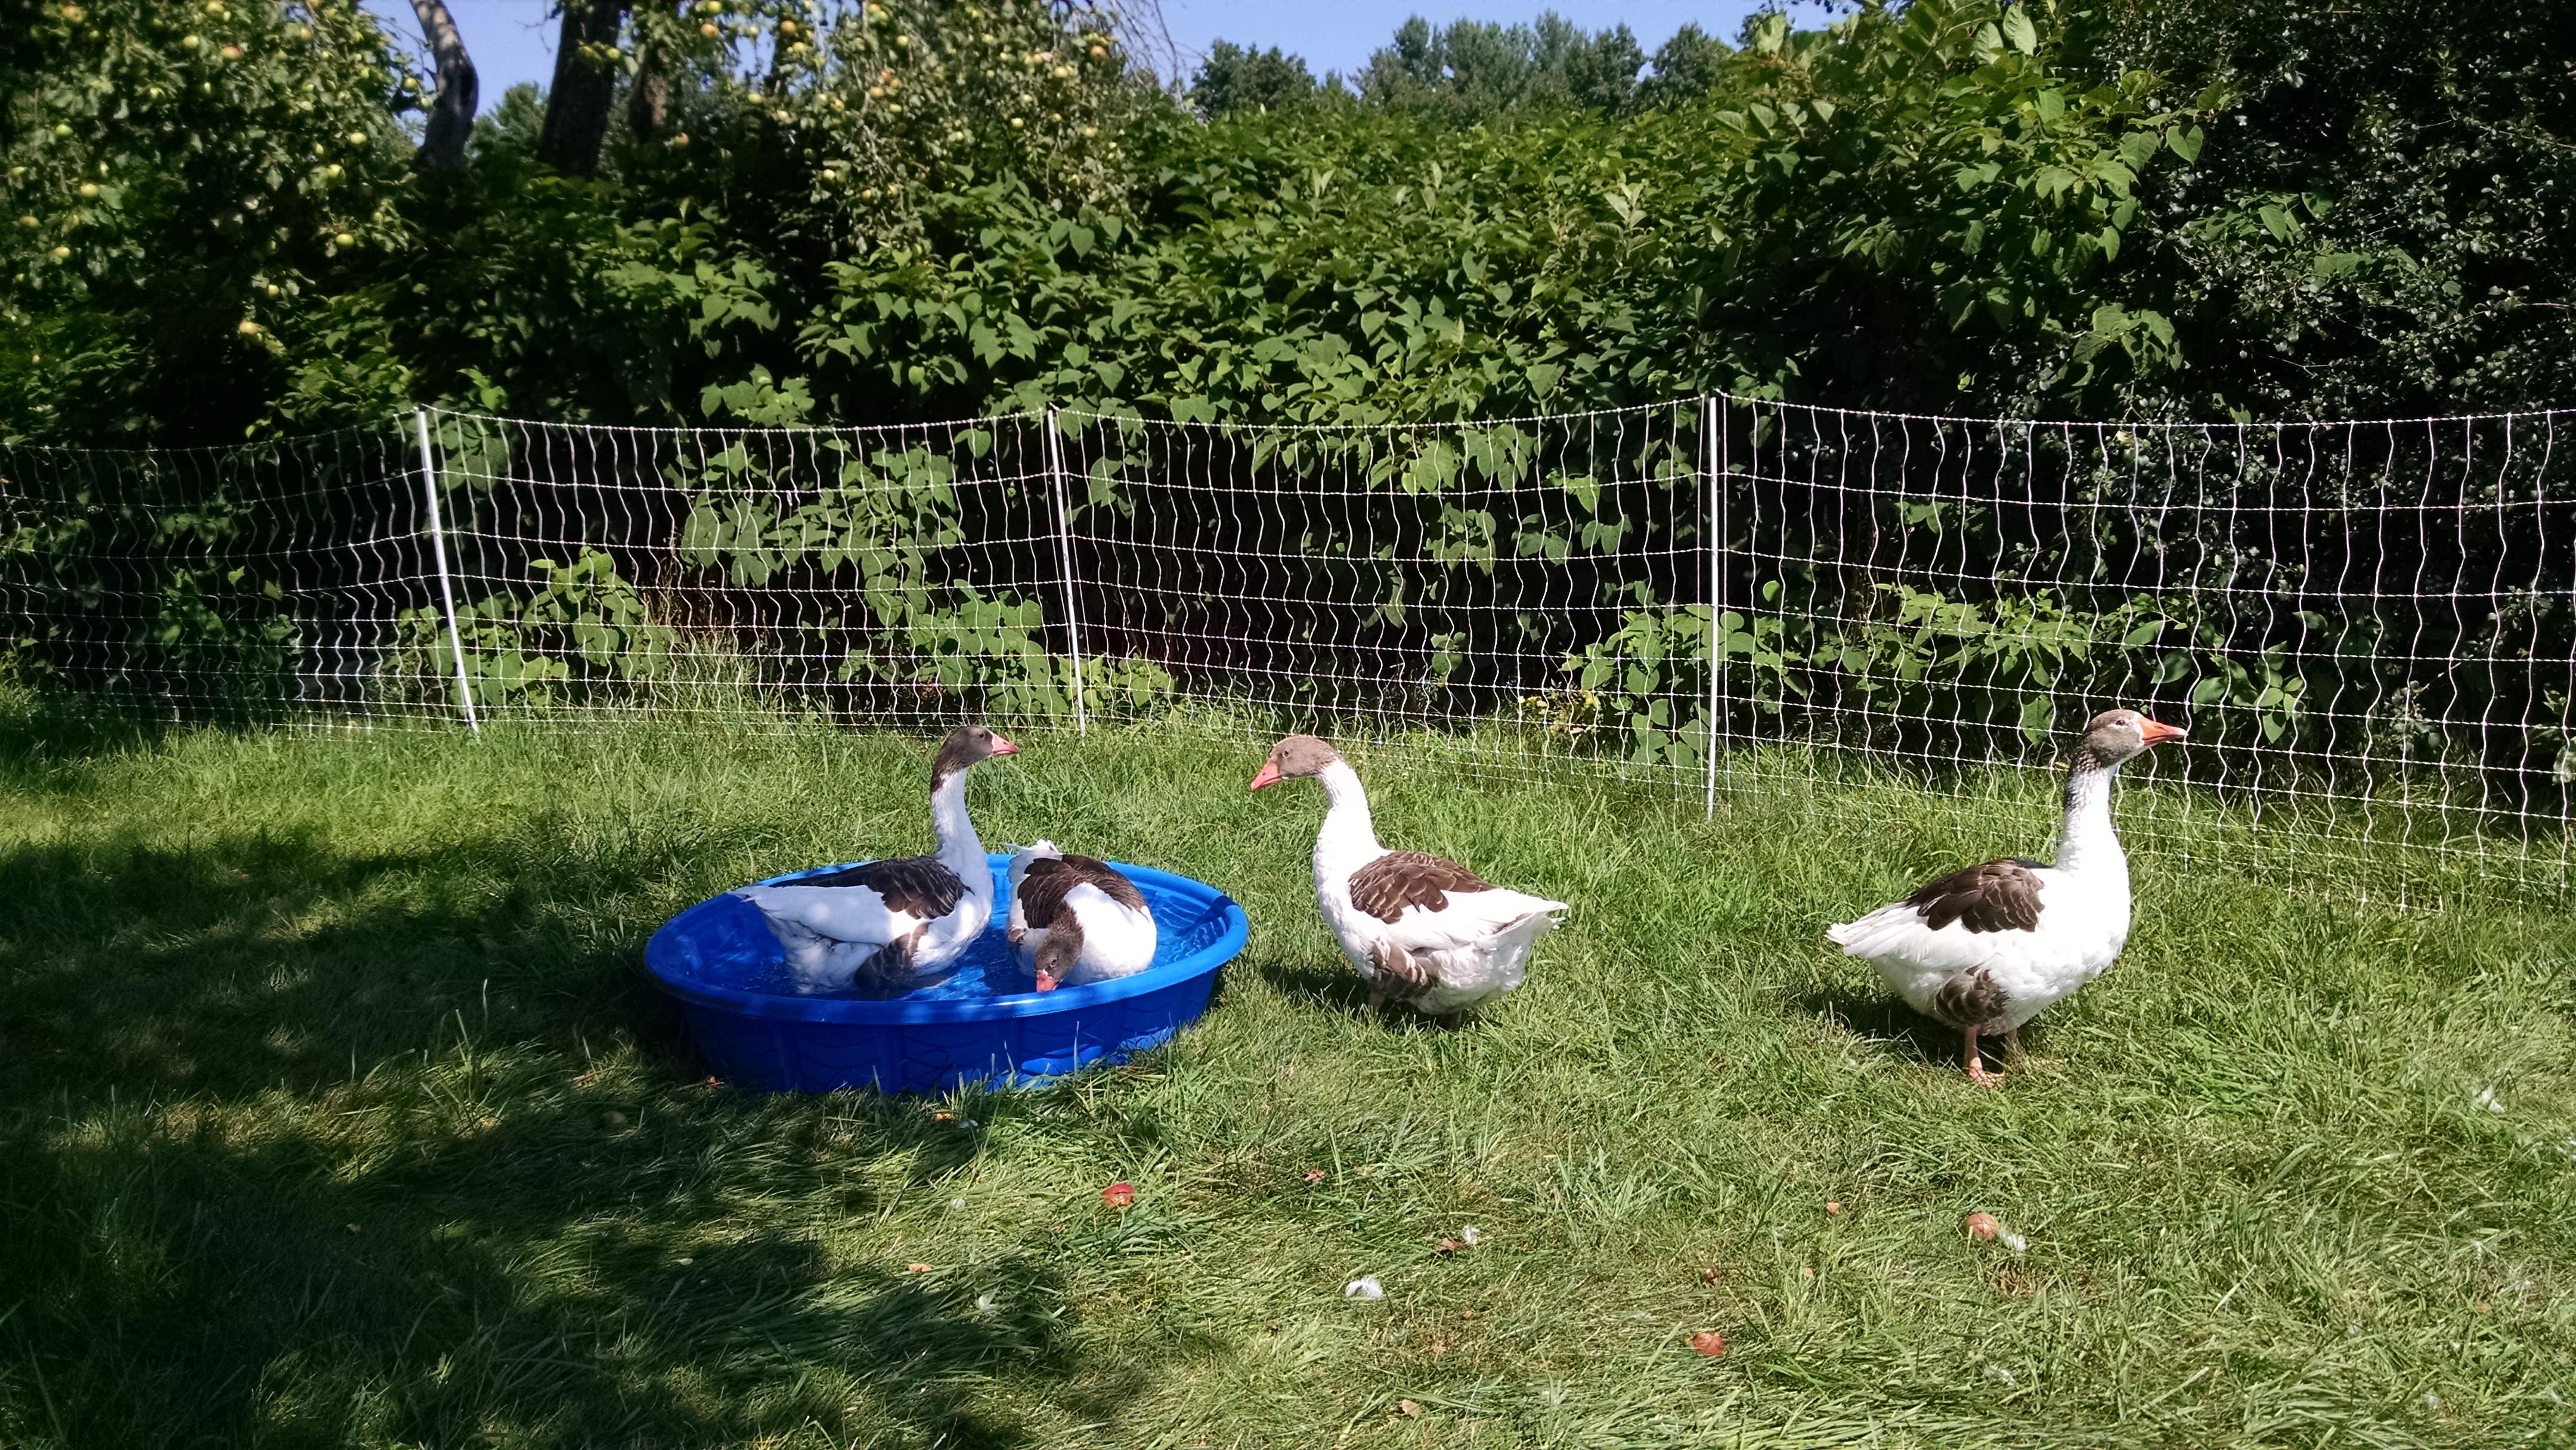 geese_new_paddock_alone_web